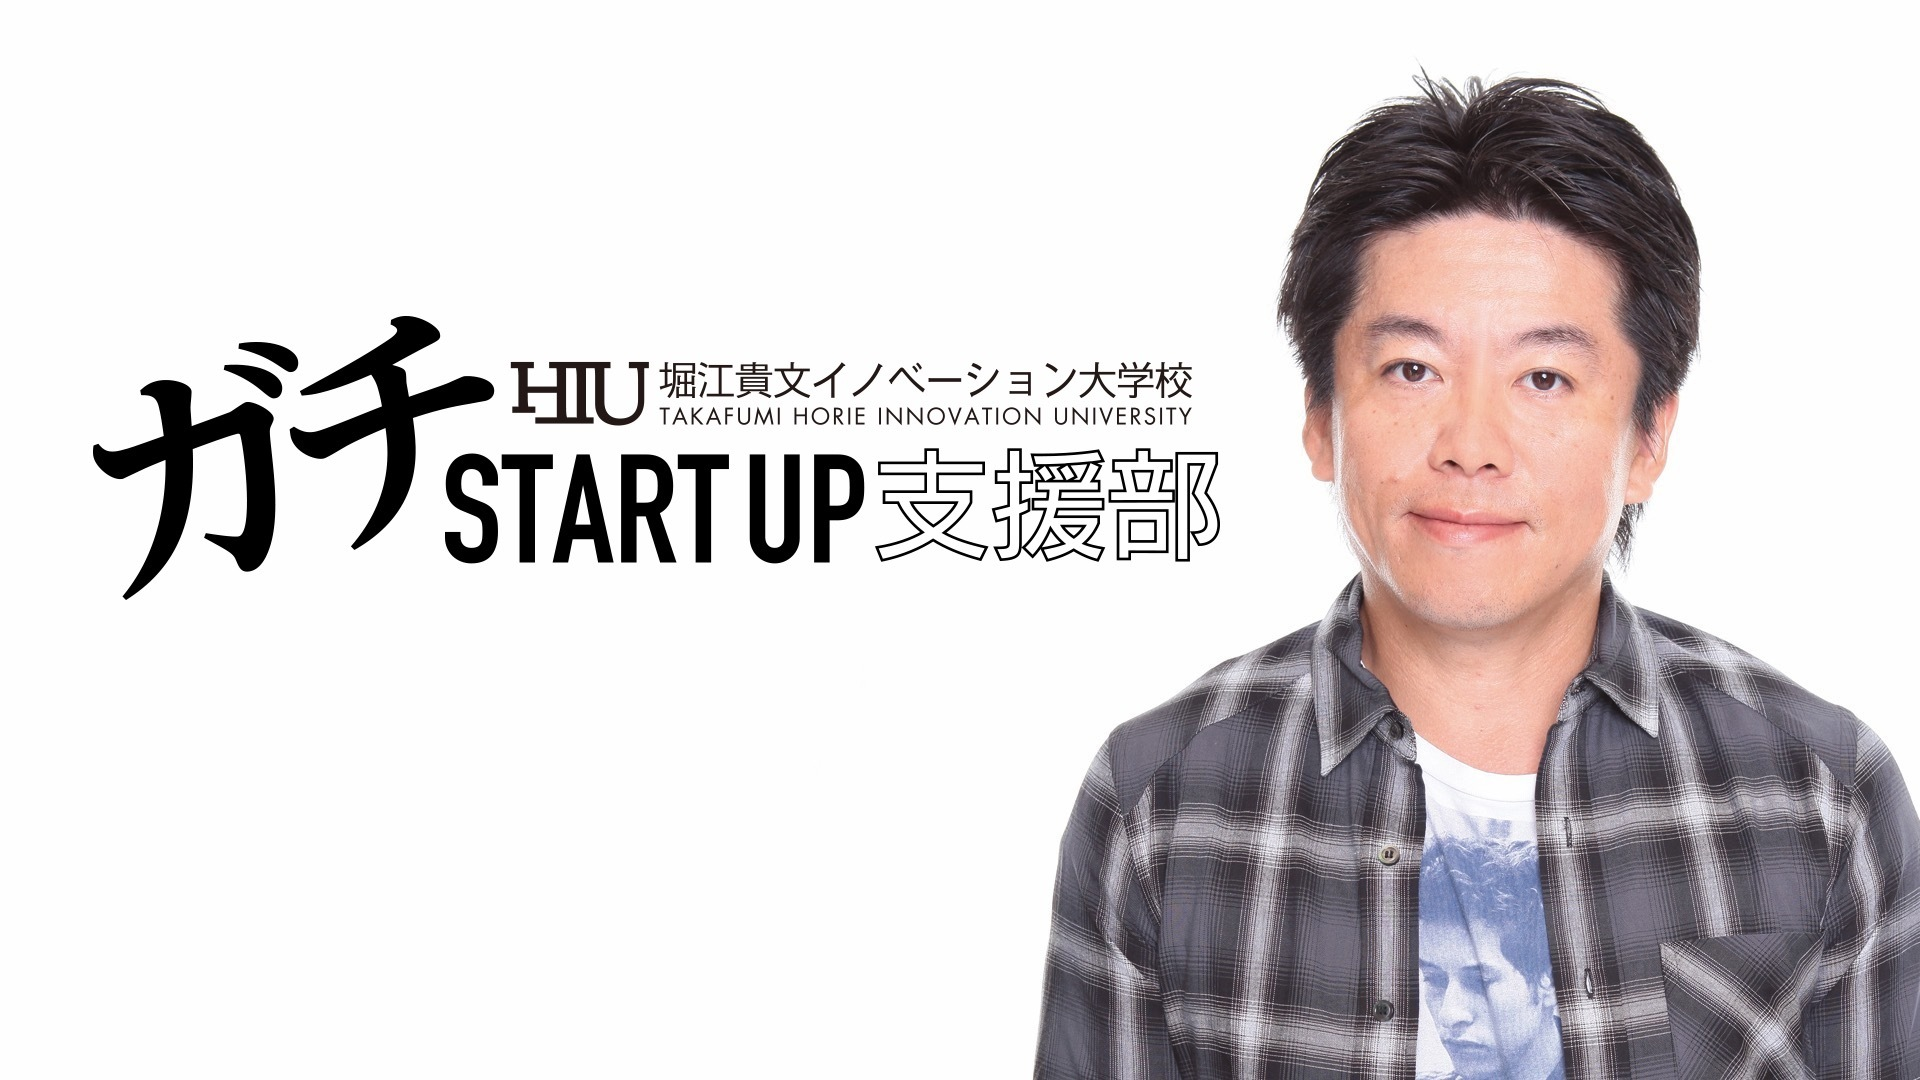 堀江貴文イノベーション大学校ガチスタートアップ支援部